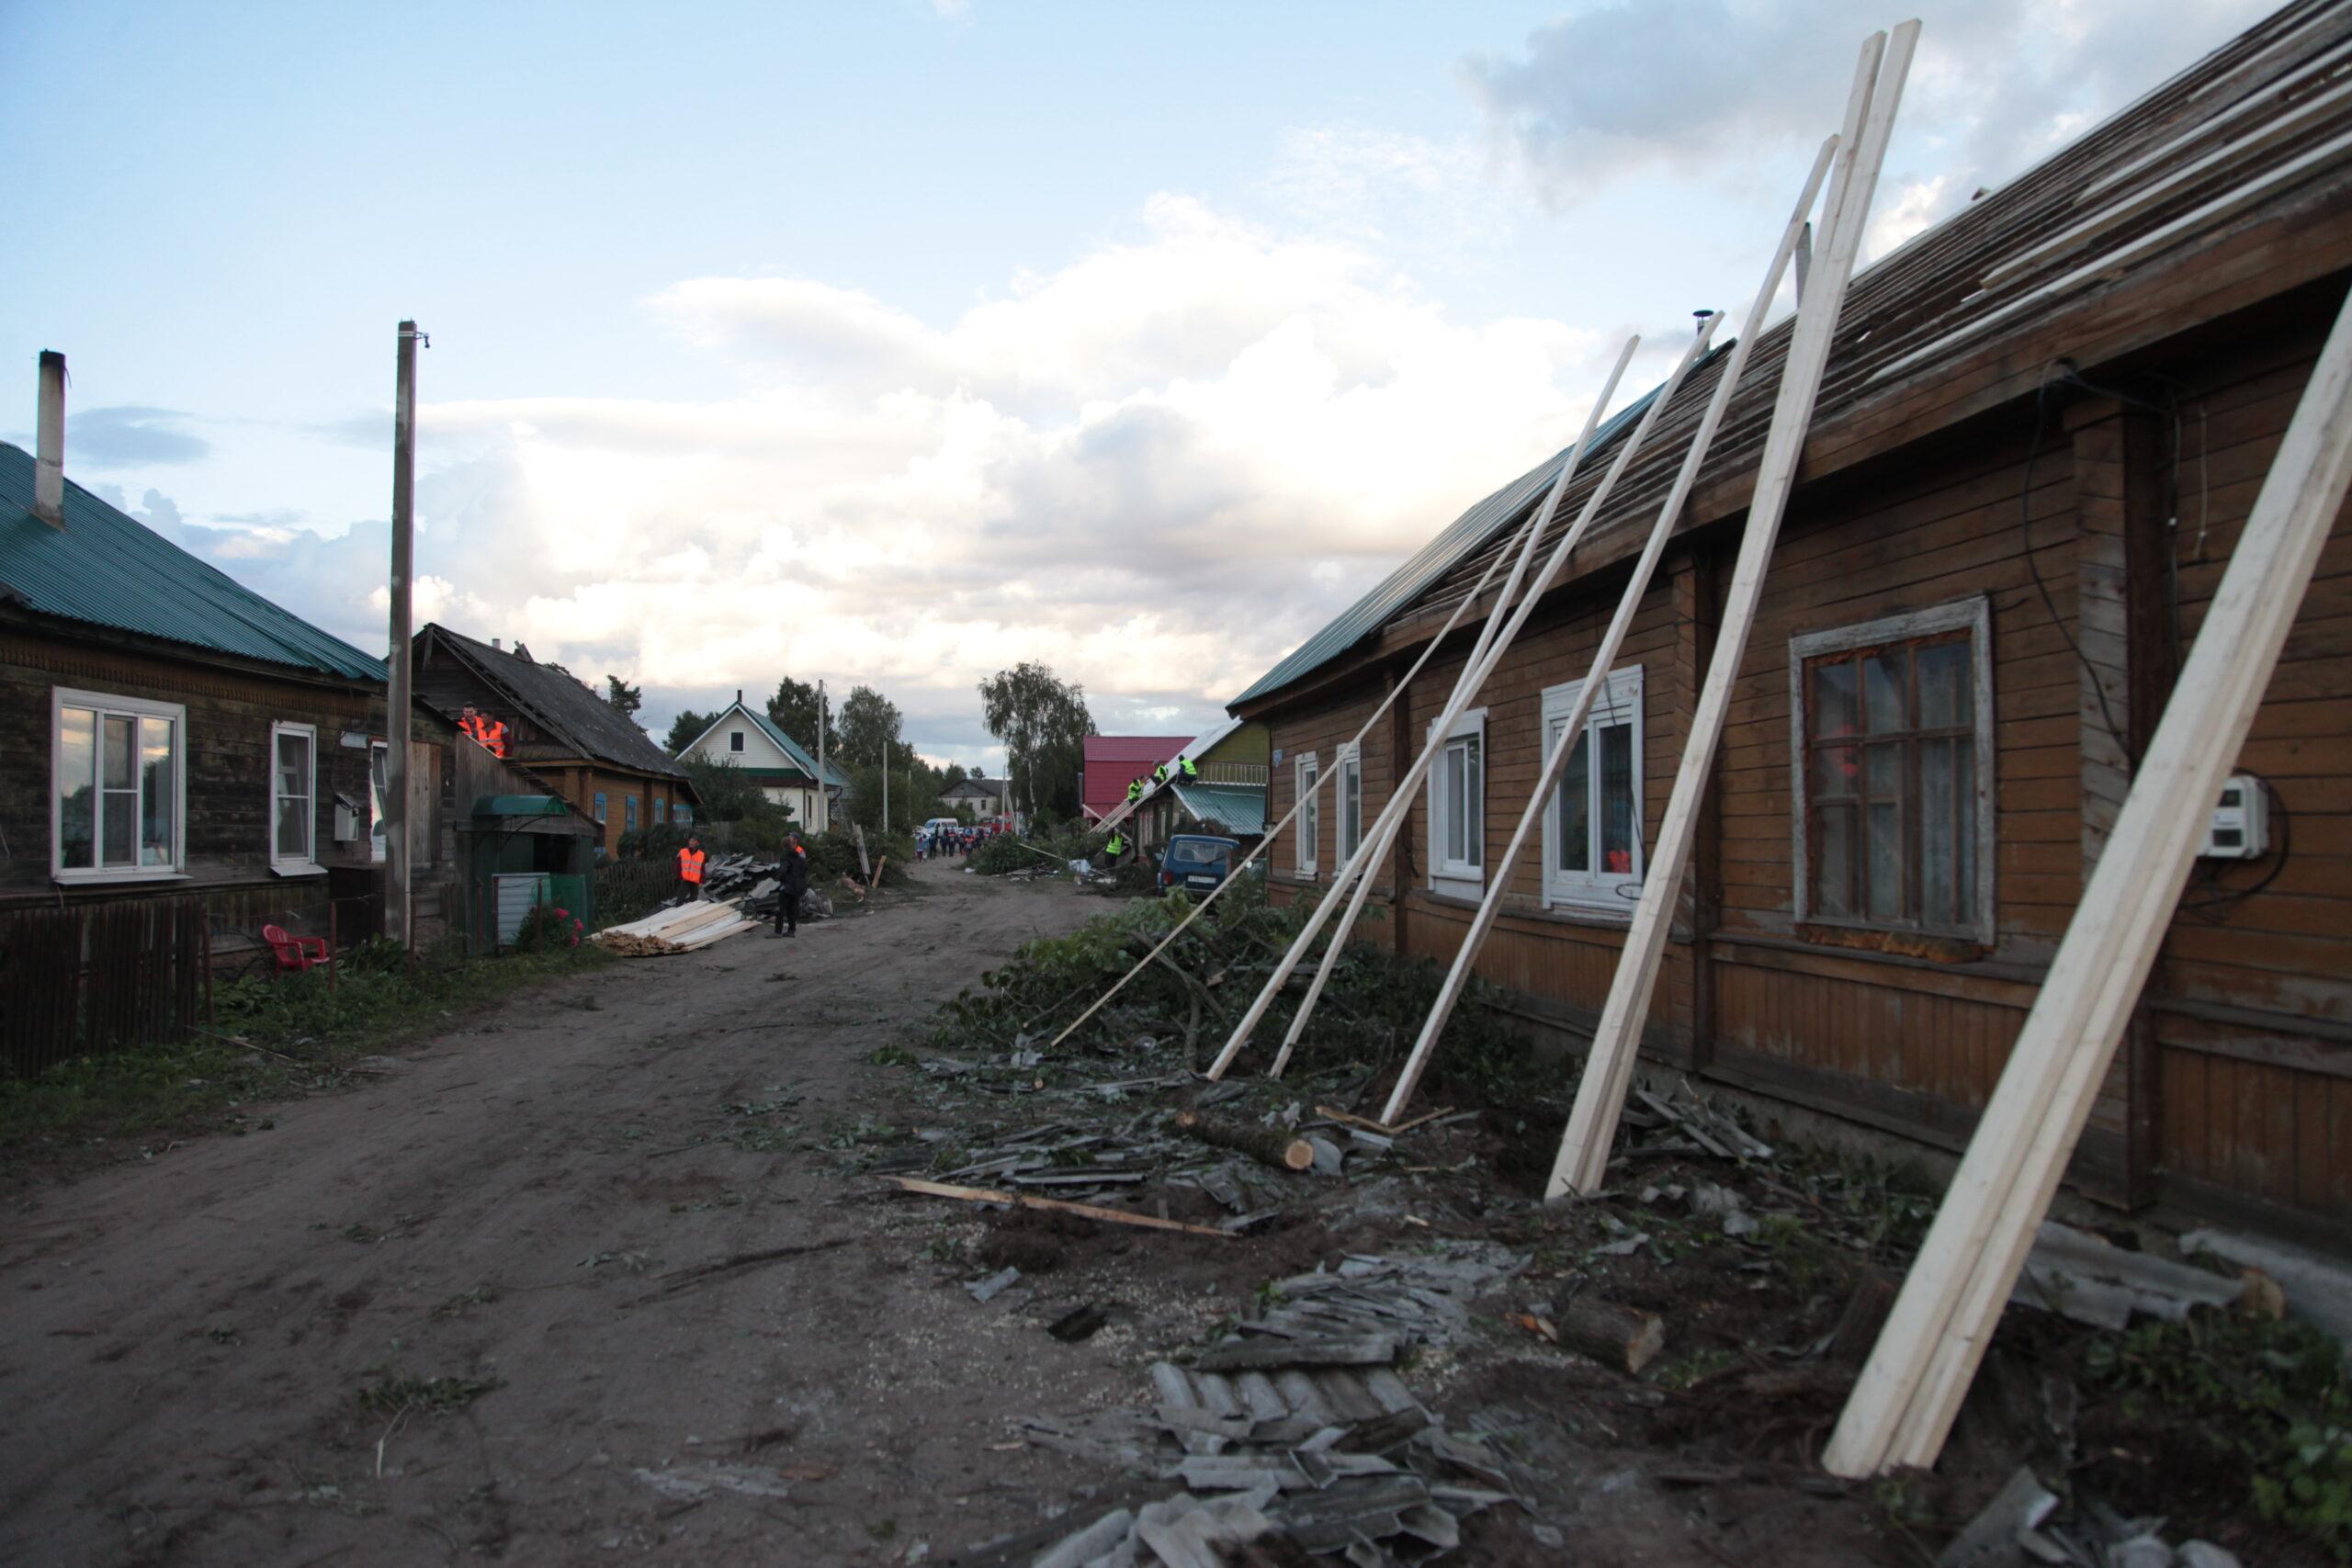 В Андреаполе Тверской области продолжаются восстановительные работы после урагана